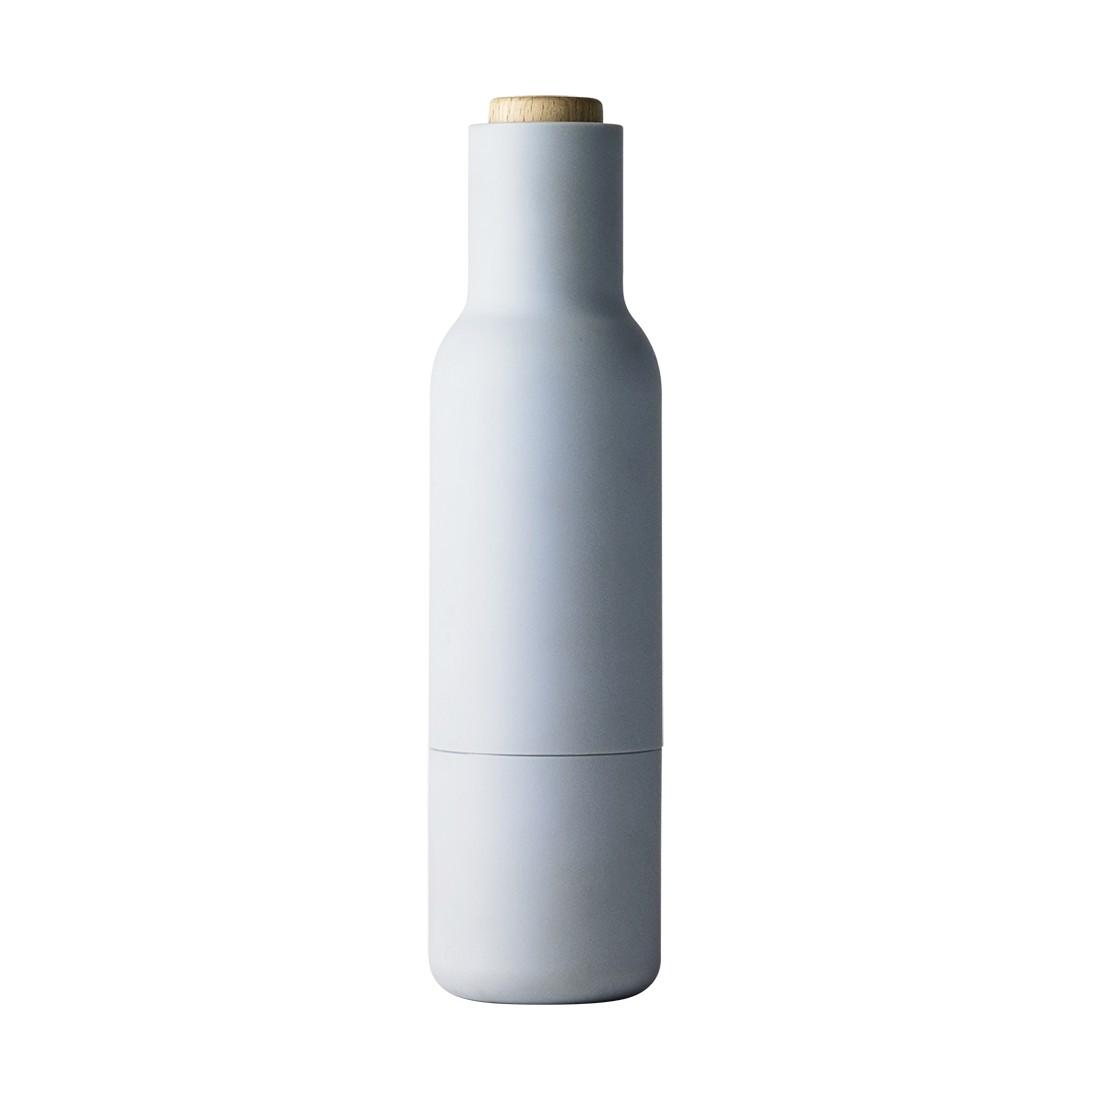 Pfeffer- oder Salzmühle Bottle Grinder – Holz, Kunststoff Weiß, Menu online bestellen